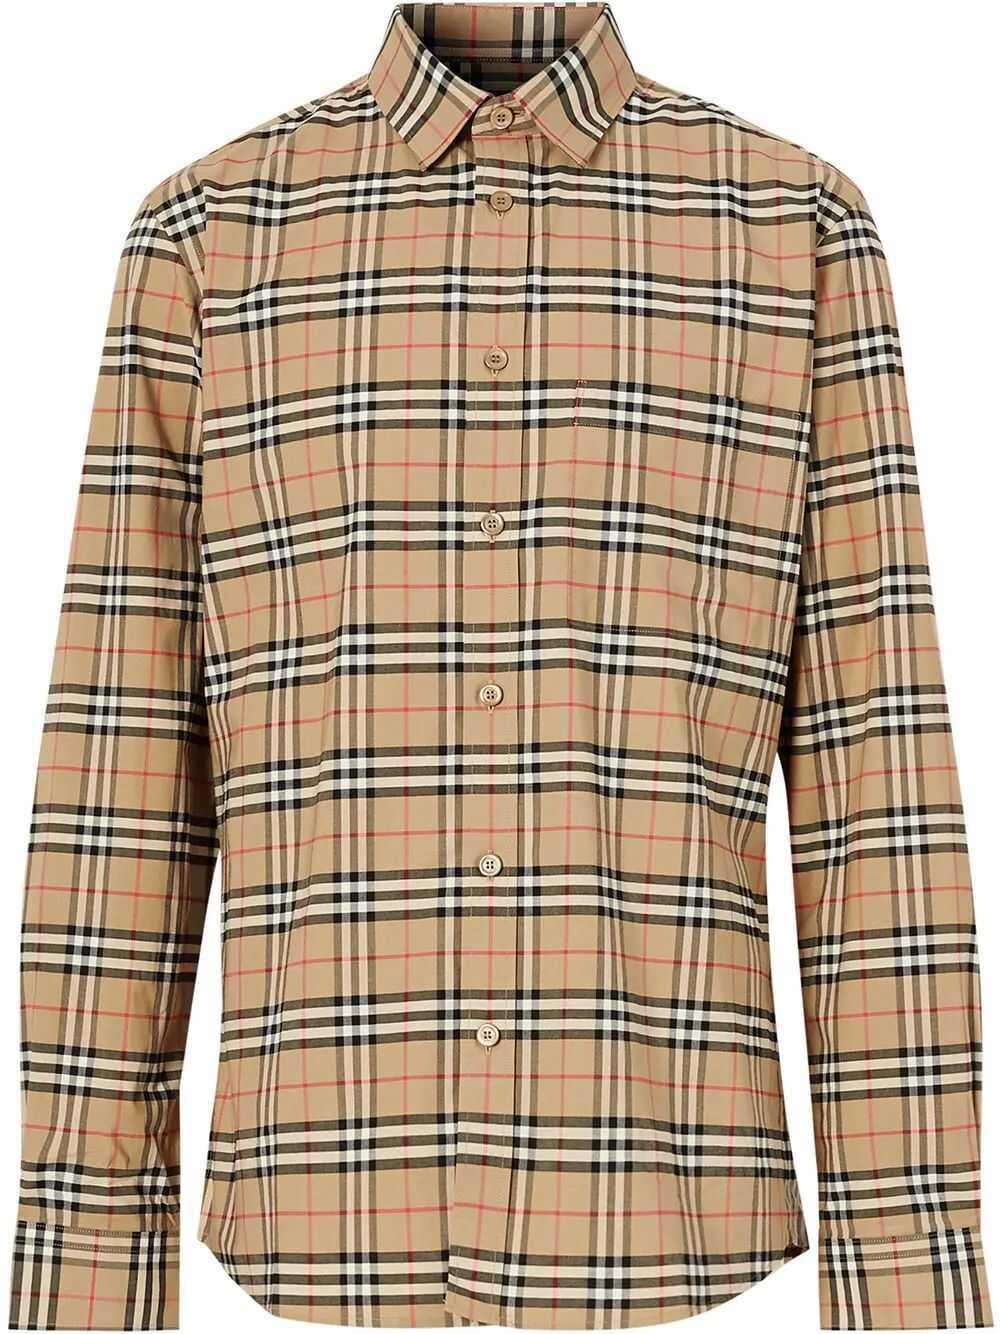 Burberry Cotton Shirt BEIGE